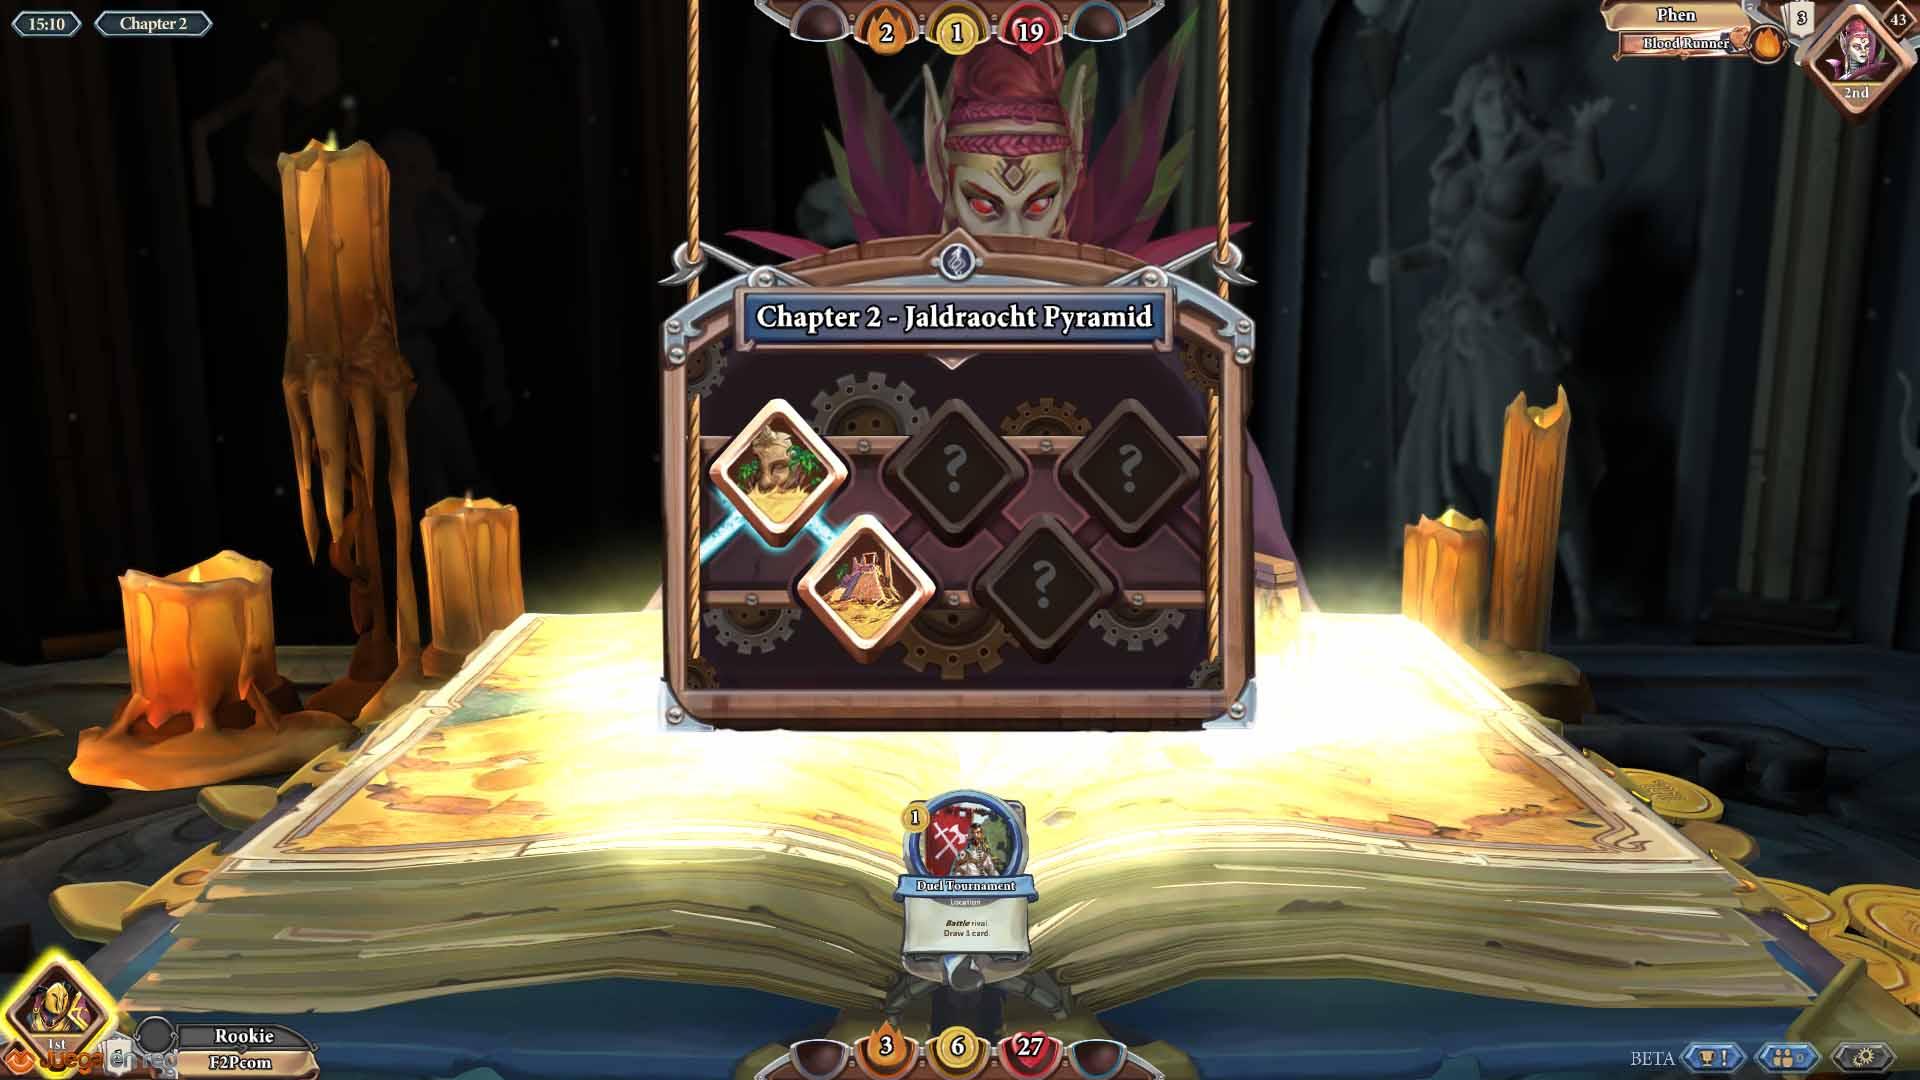 Análisis de Primeras impresiones de Chronicle: RuneScape Legends